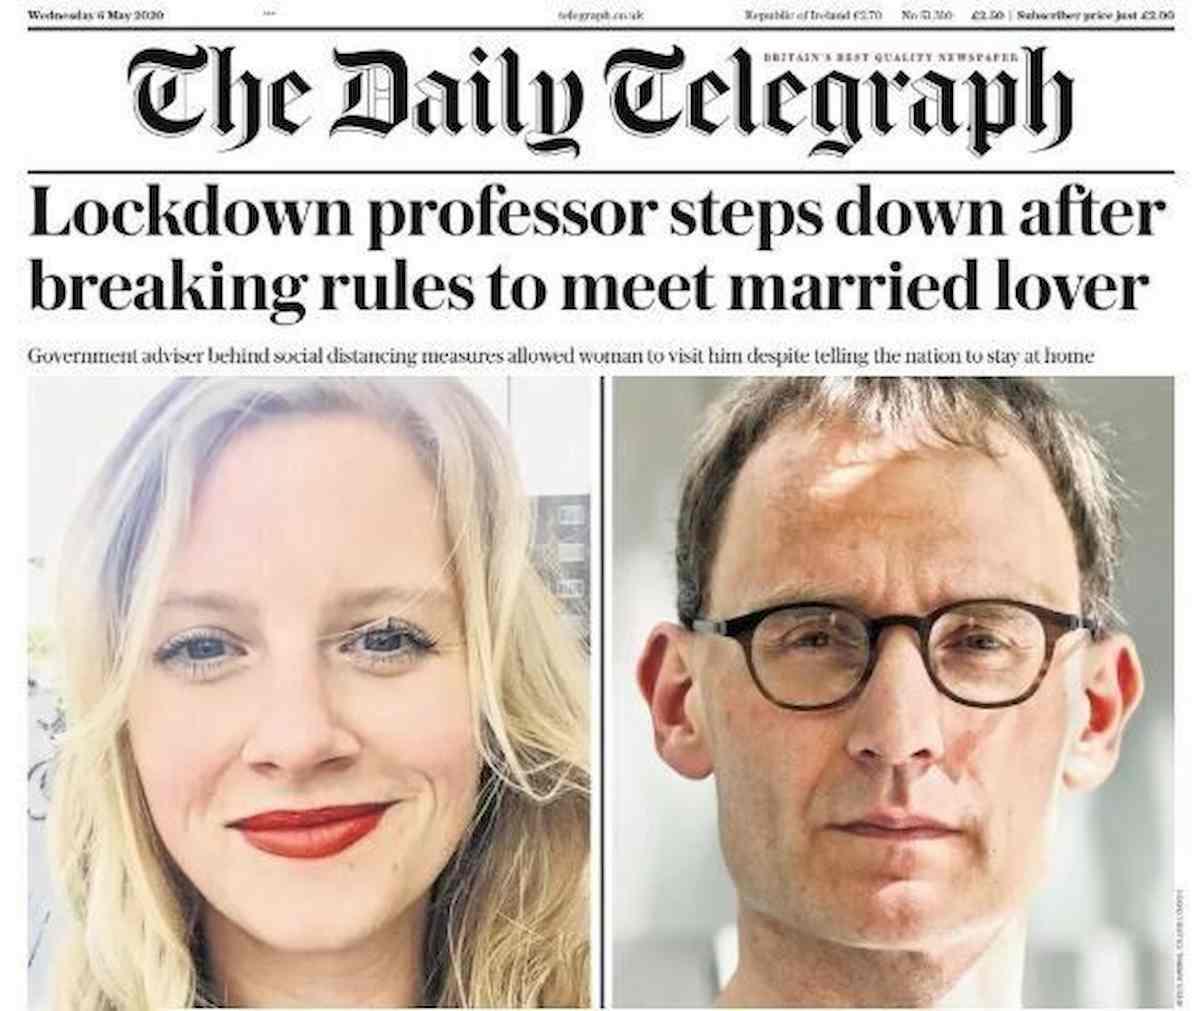 Neil Ferguson, il virologo del governo inglese si dimette: ha incontrato l'amante in lockdown